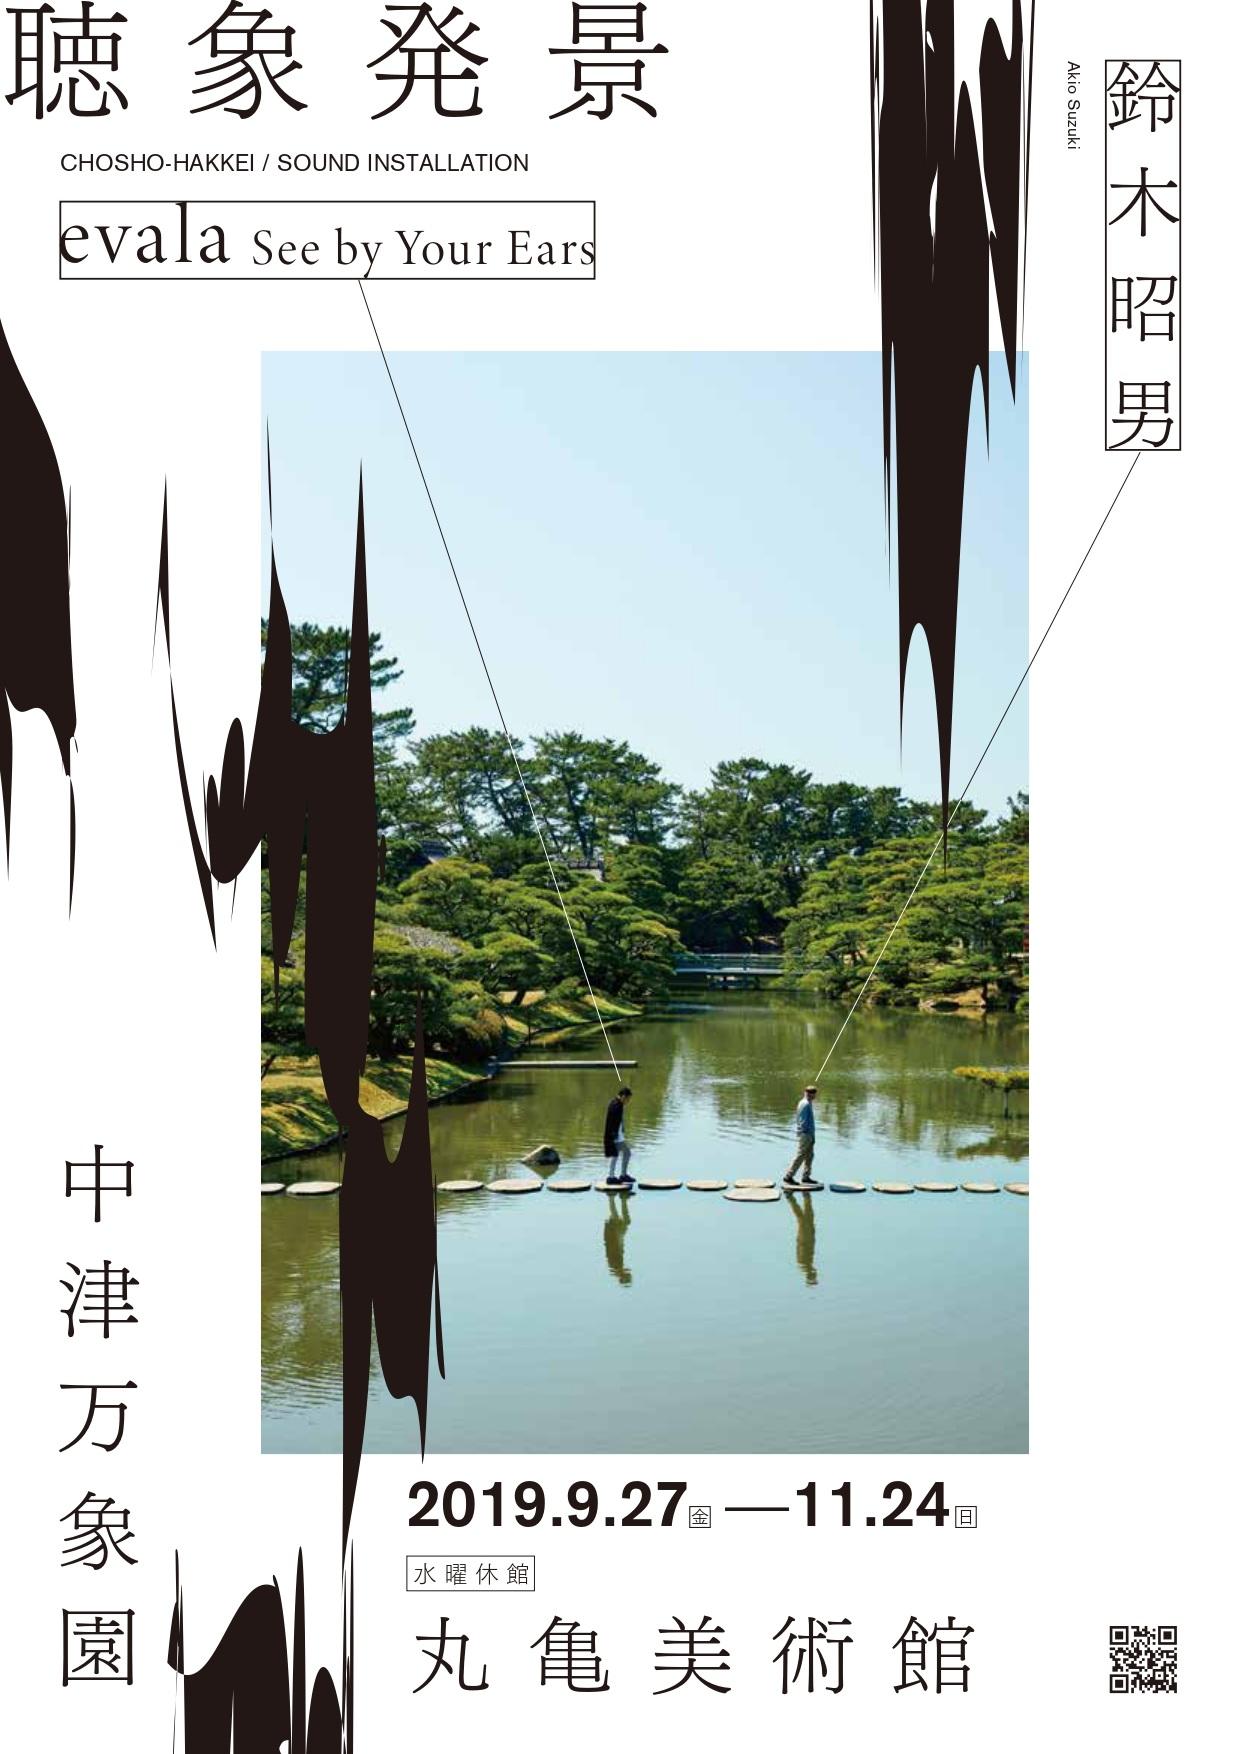 evala_akiosuzuki_CHOSHO-HAKKEI1_1241